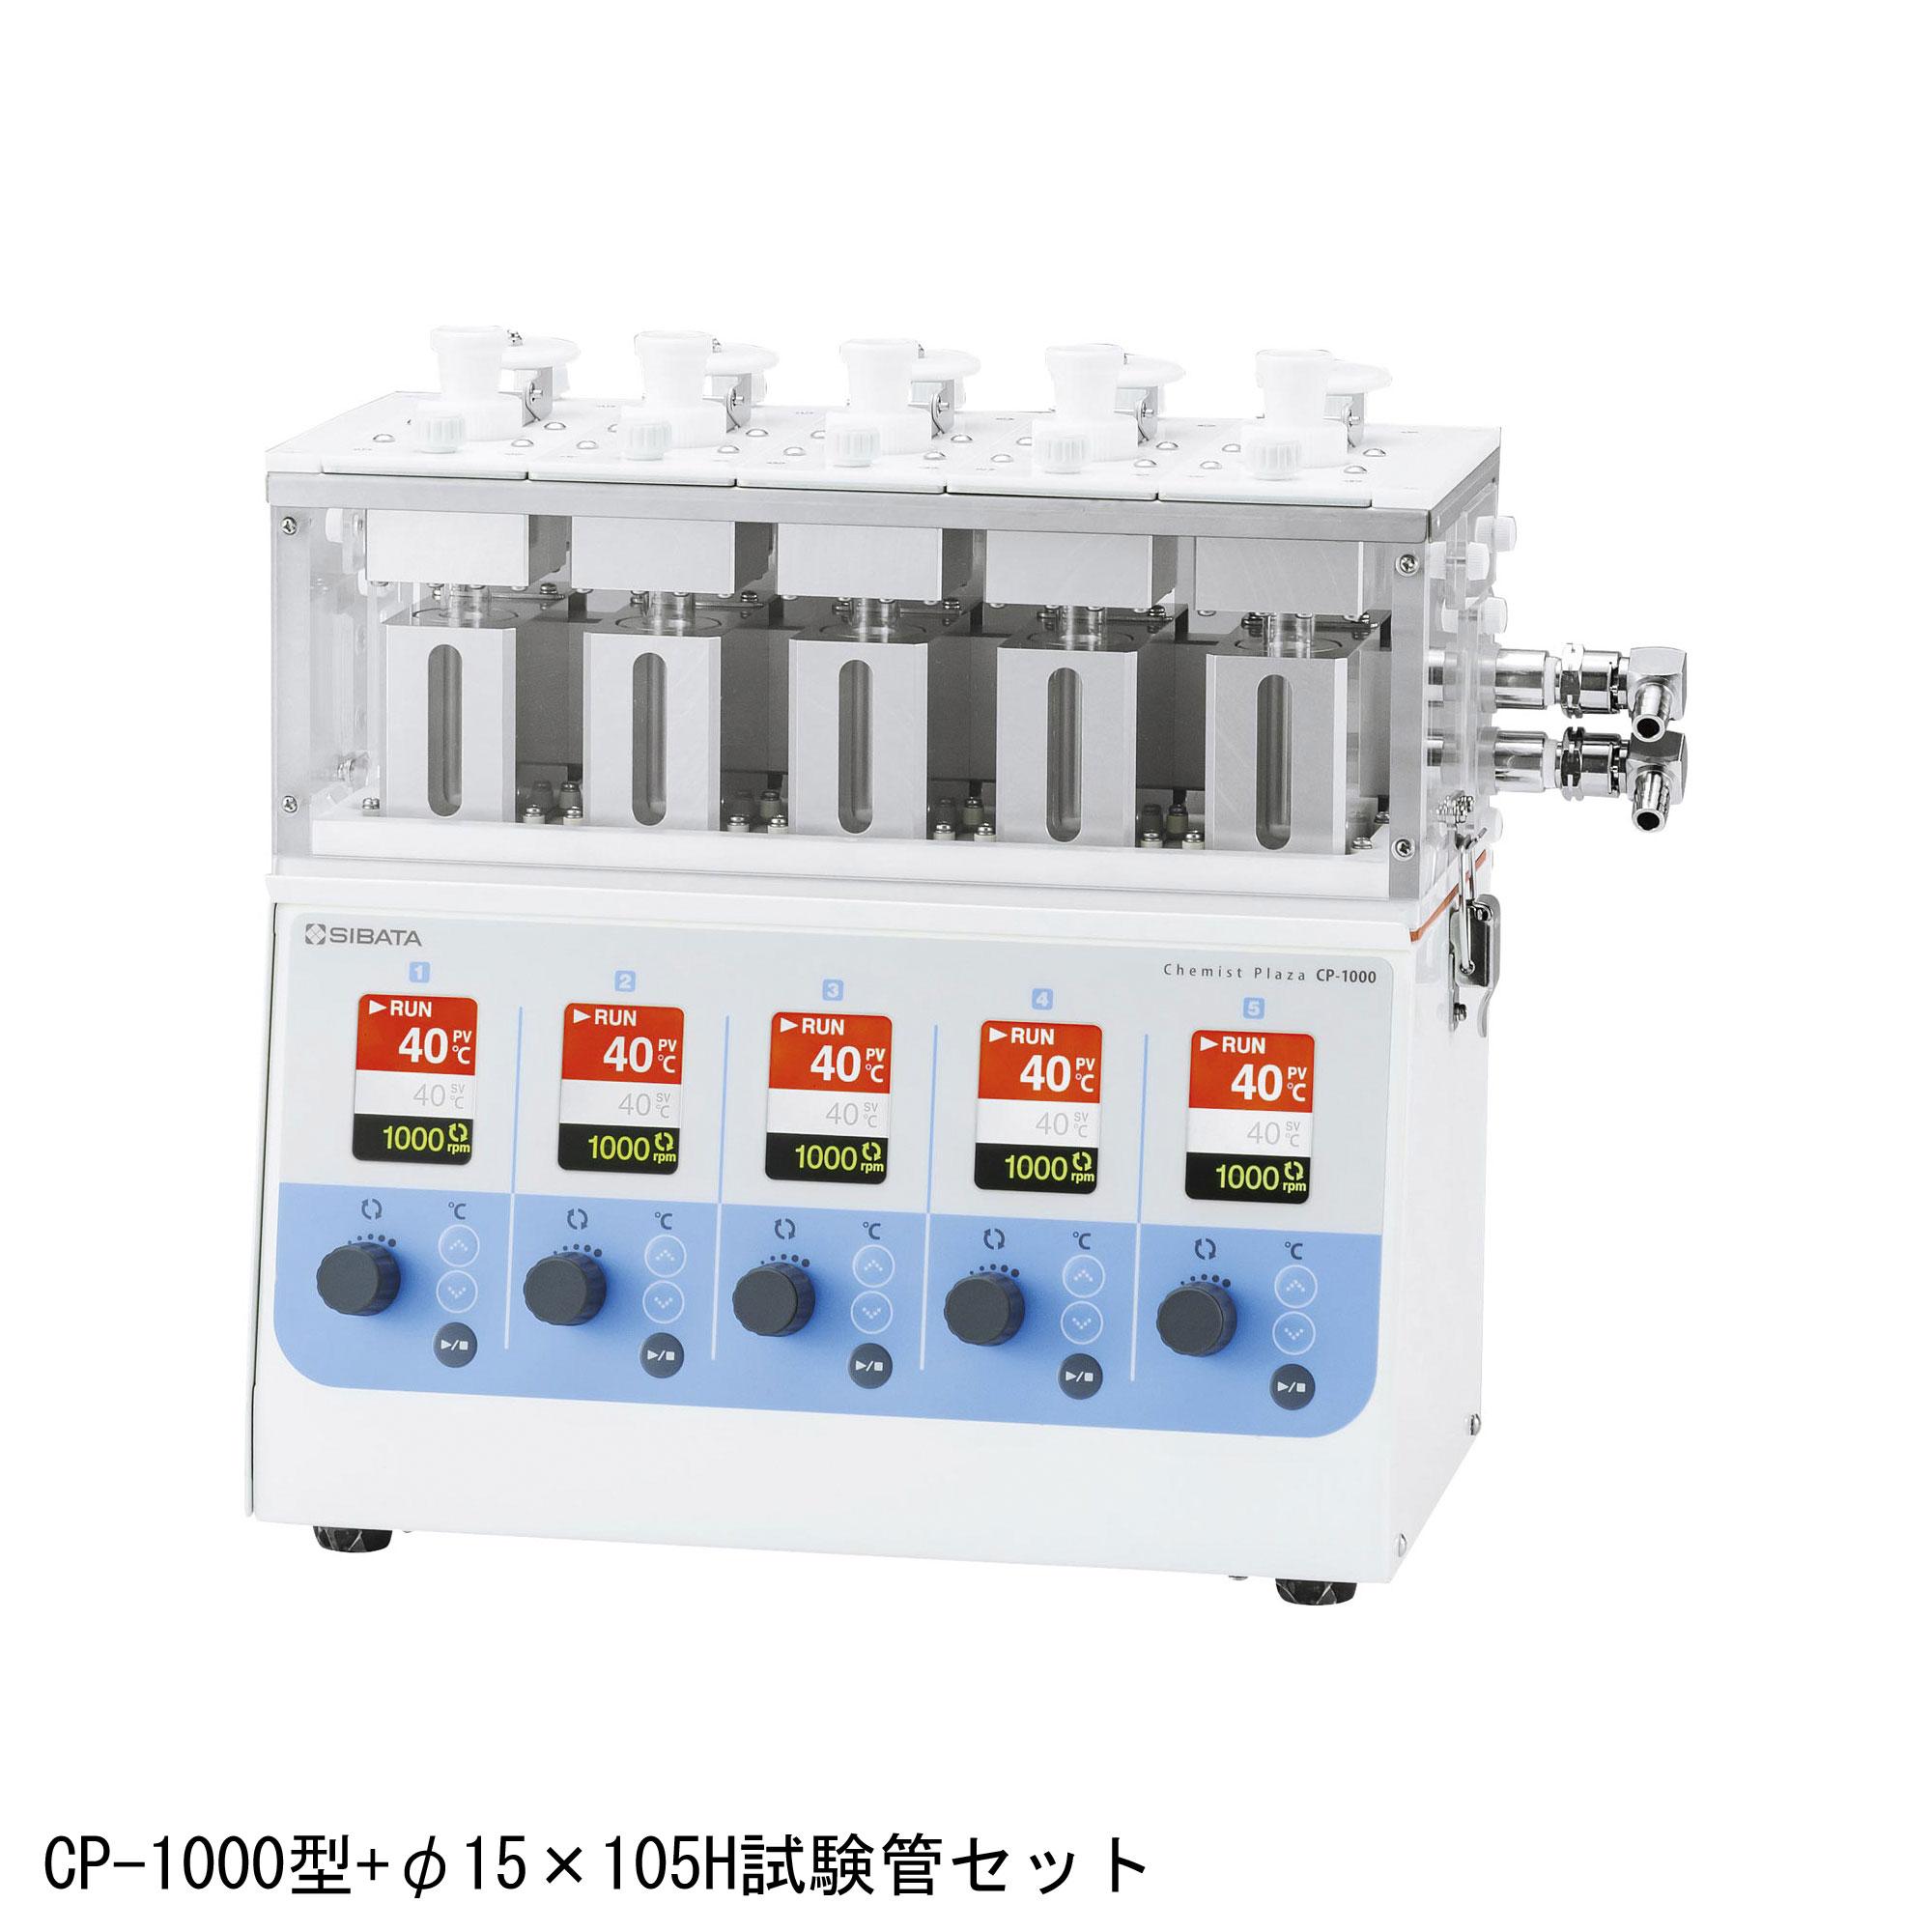 合成・反応装置 ケミストプラザ CP-1000用 φ15×105H試験管セット